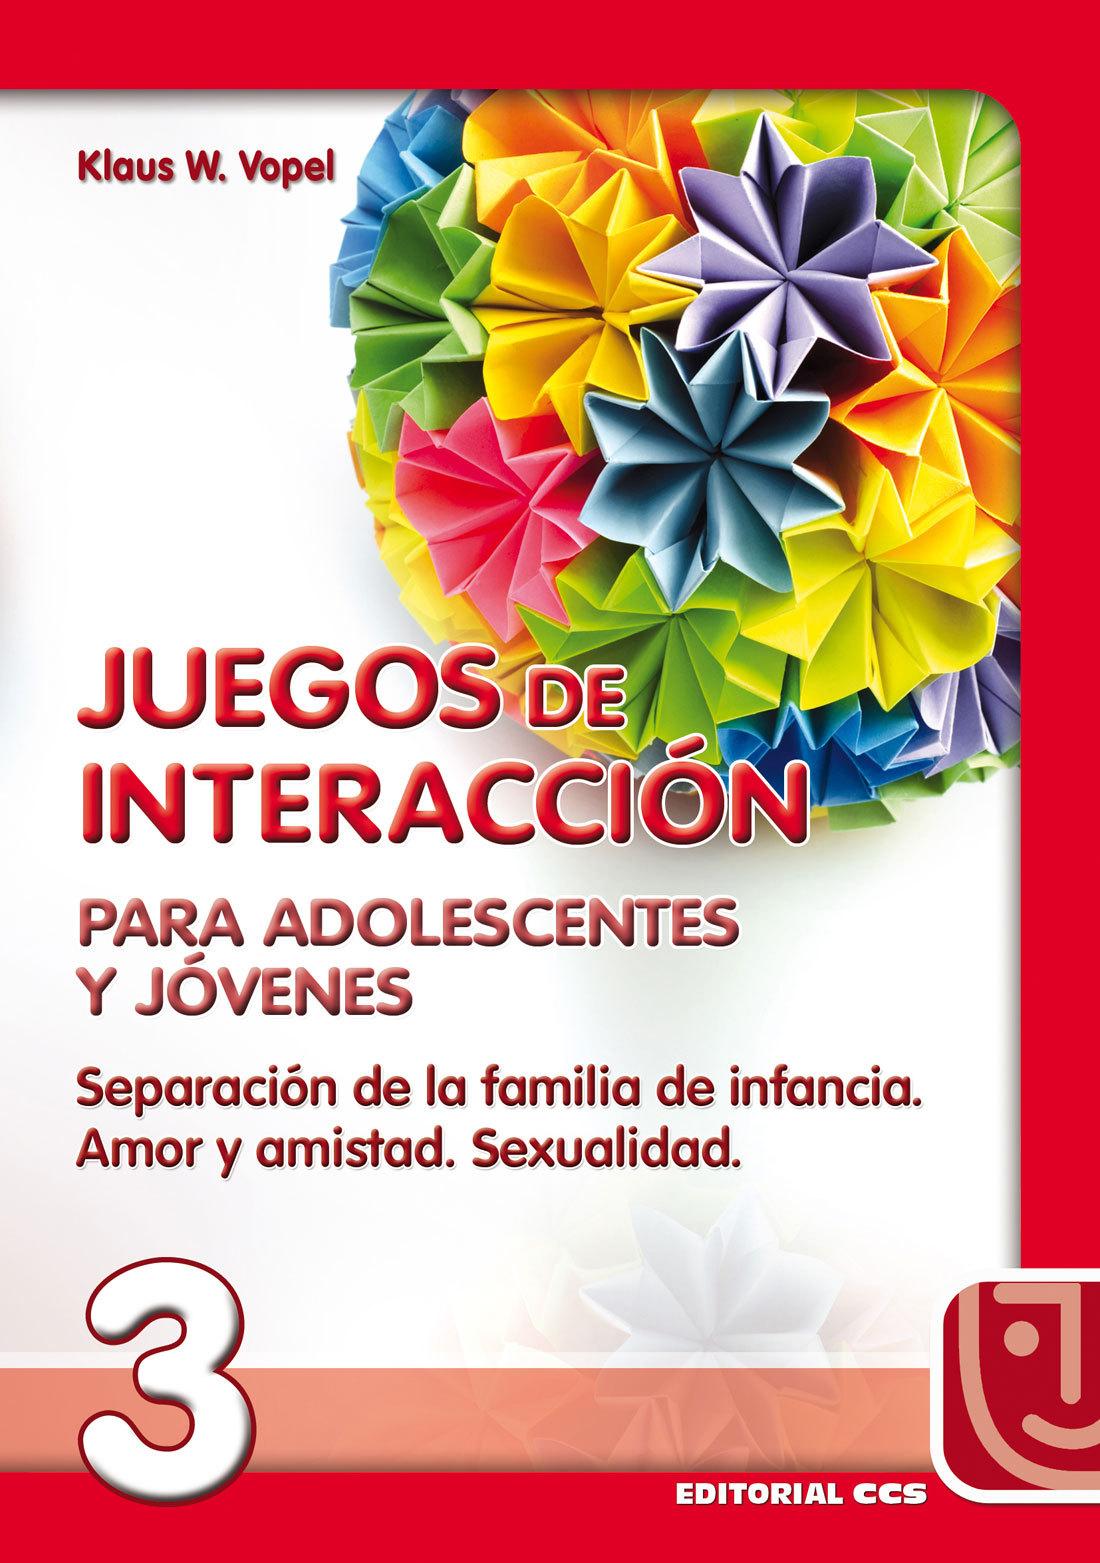 JUEGOS DE INTERACCION PARA ADOLESCENTES Y JOVENES Nº 3